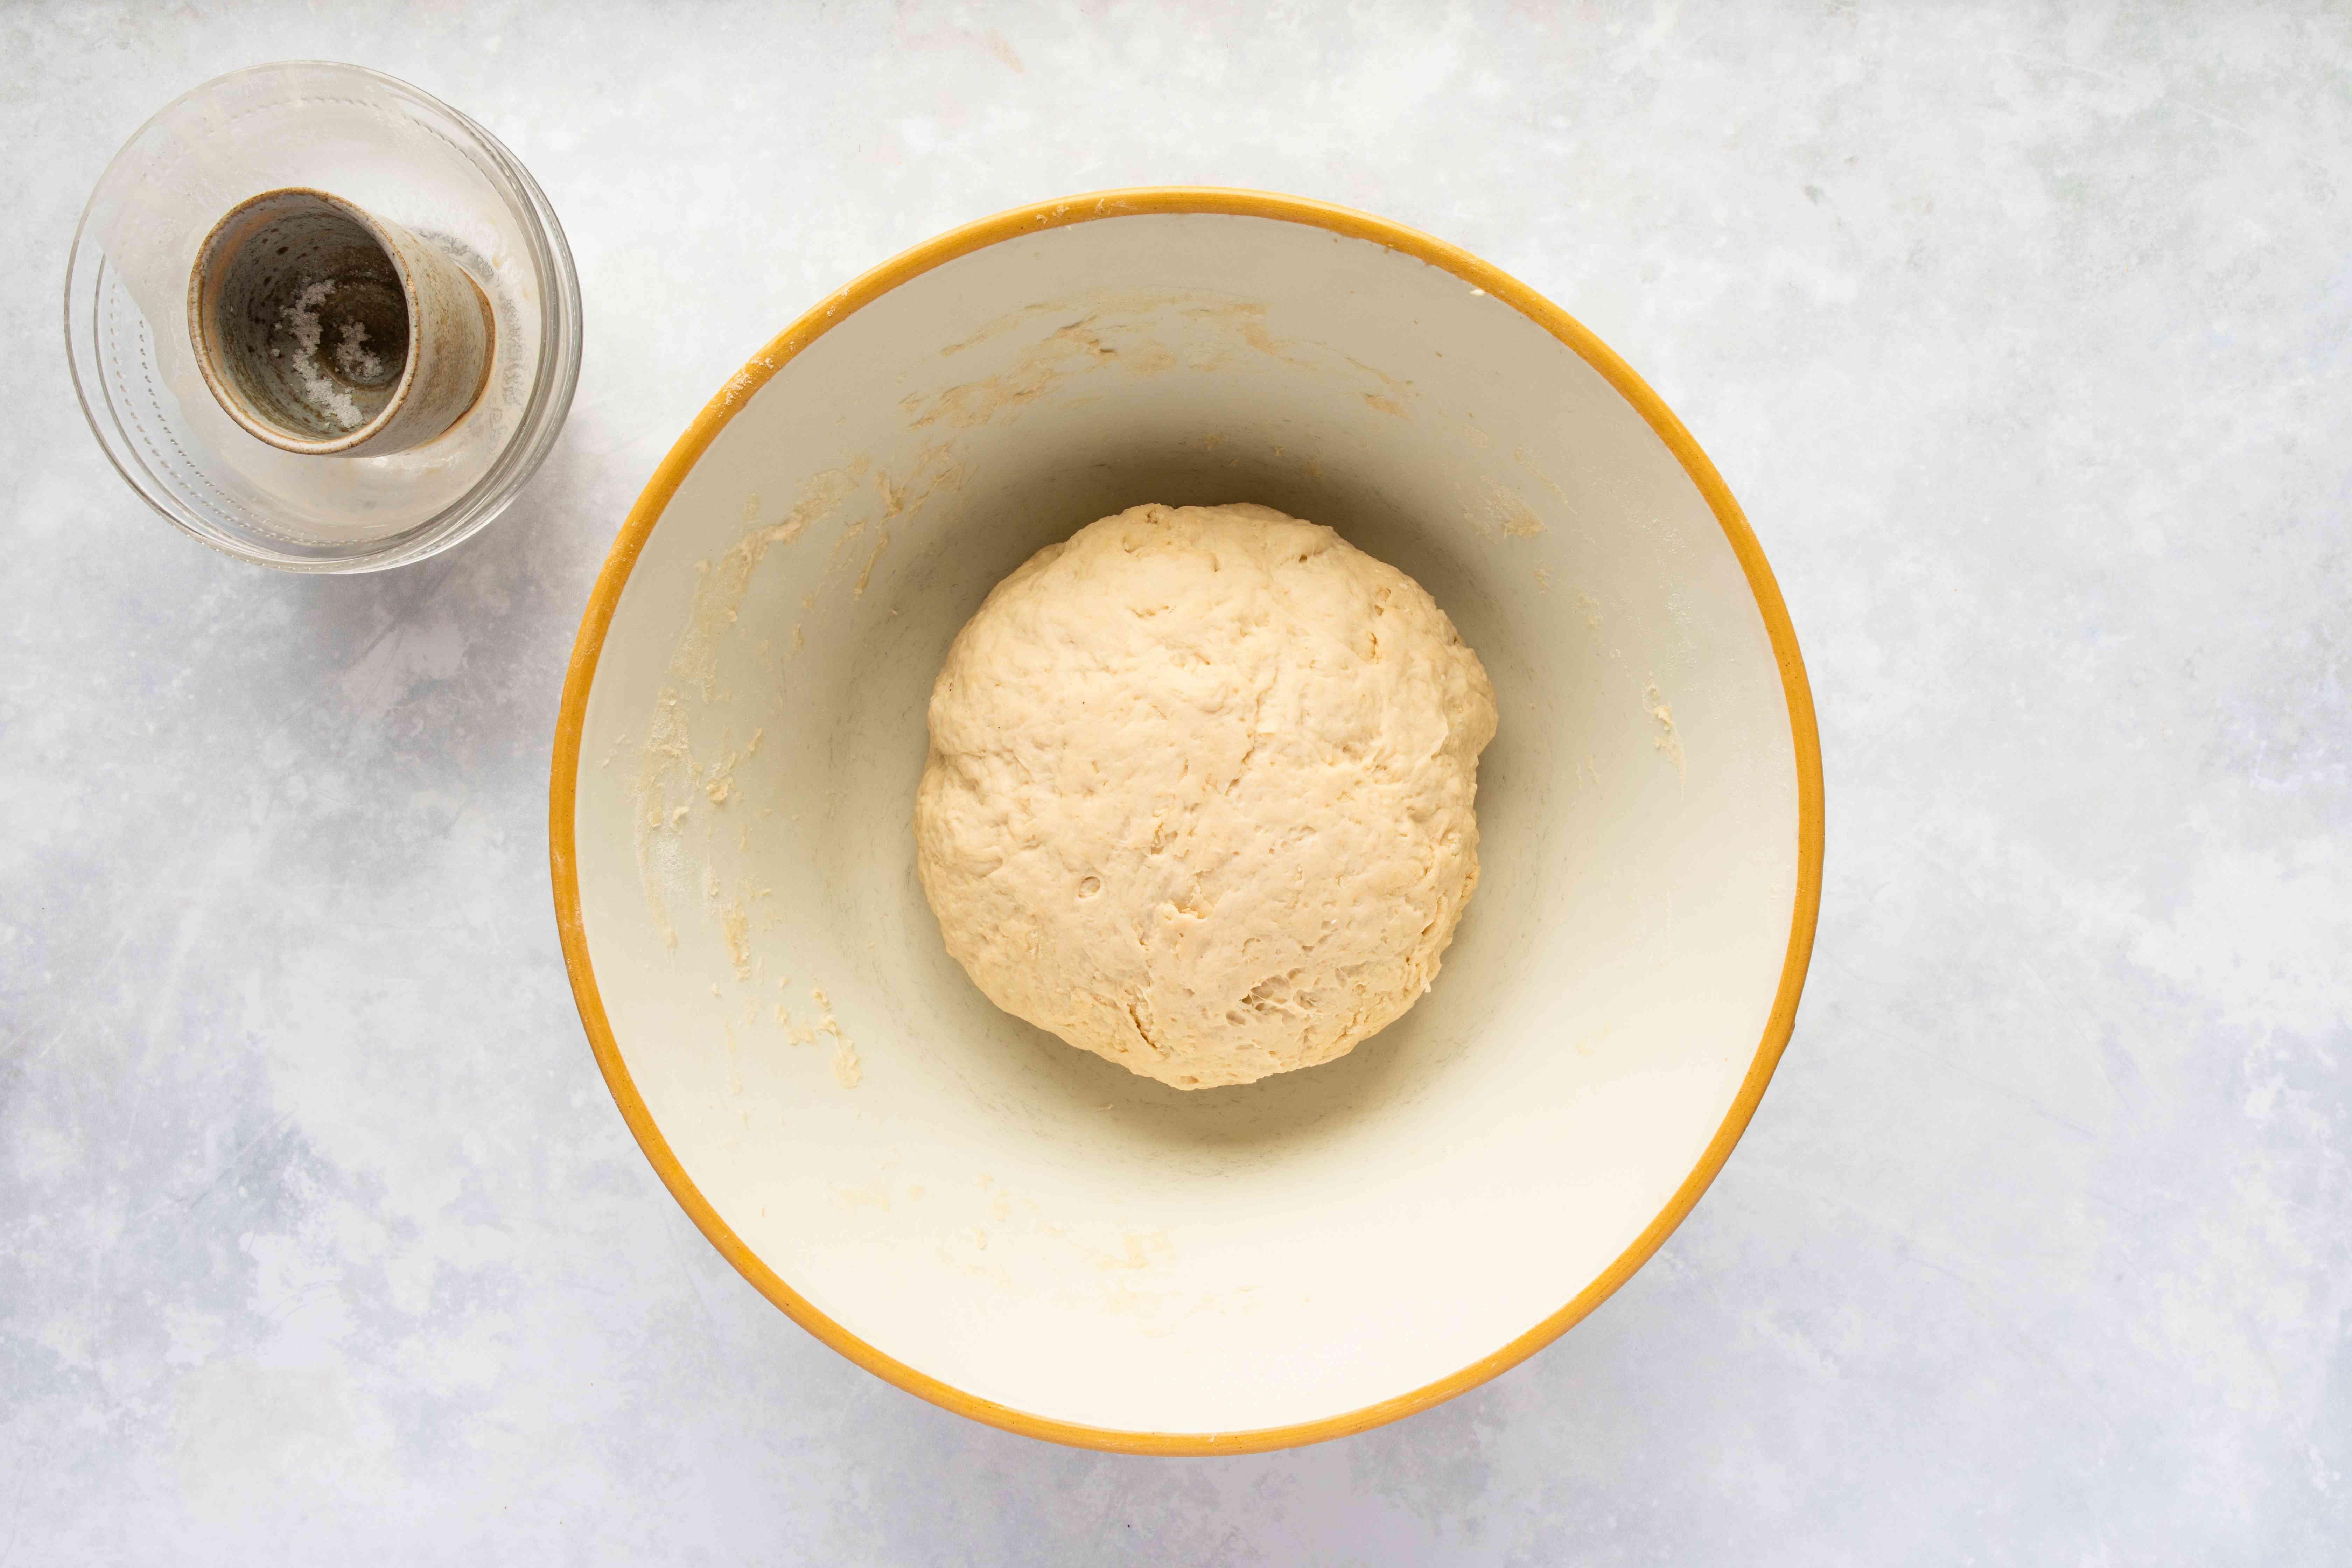 Measure flour